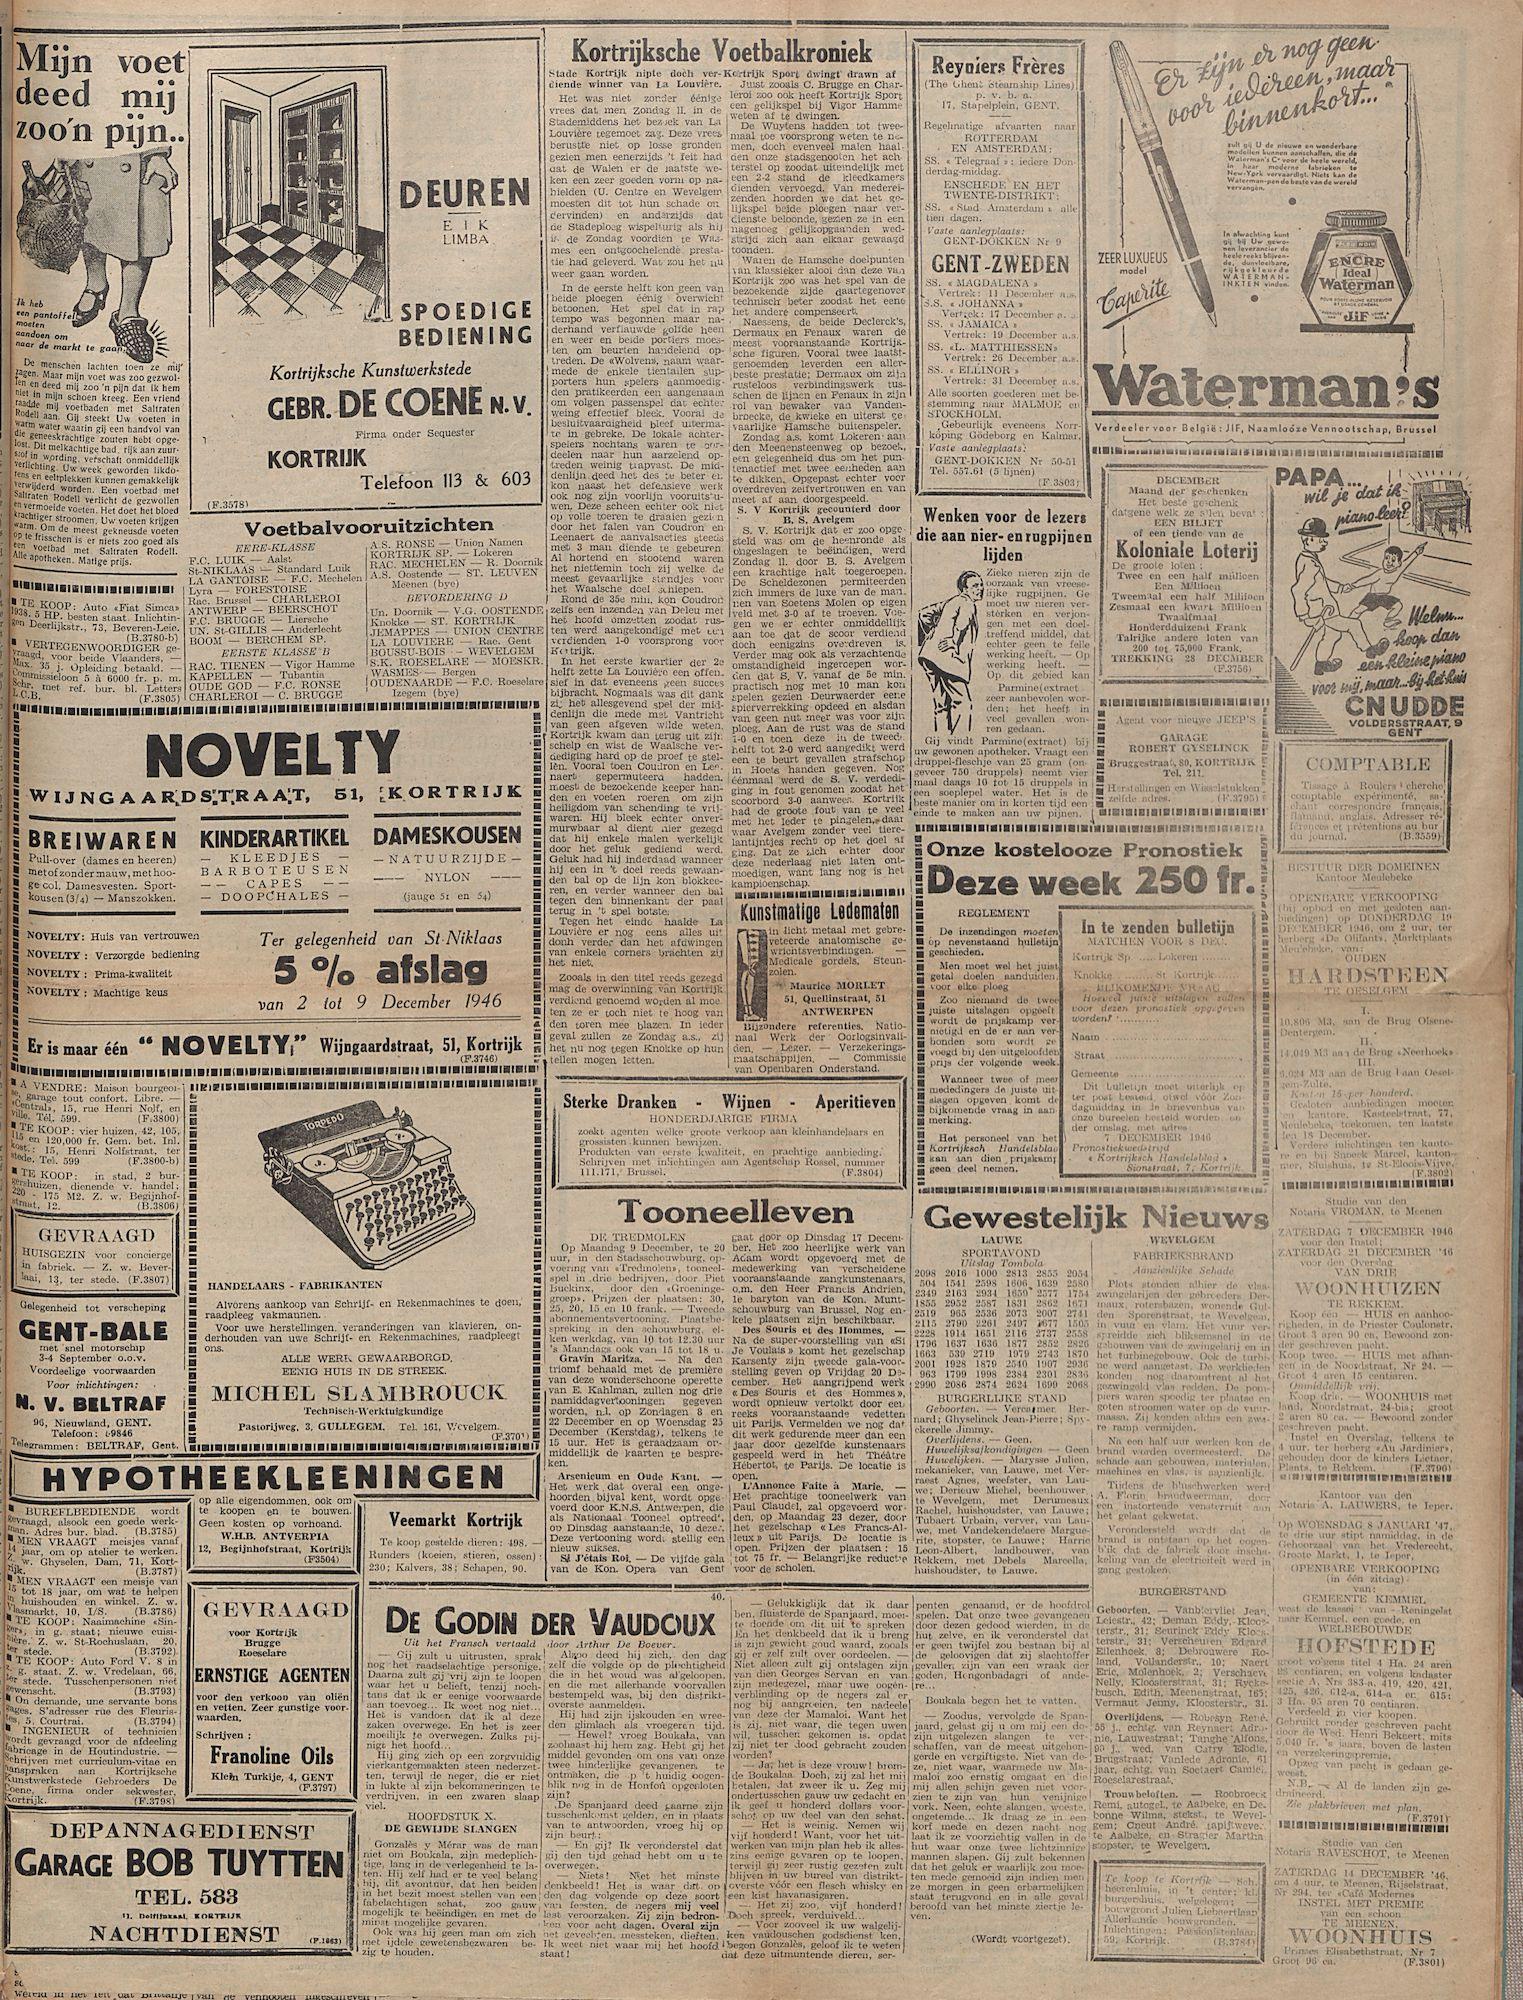 Kortrijksch Handelsblad 5 december 1946 Nr98 p3